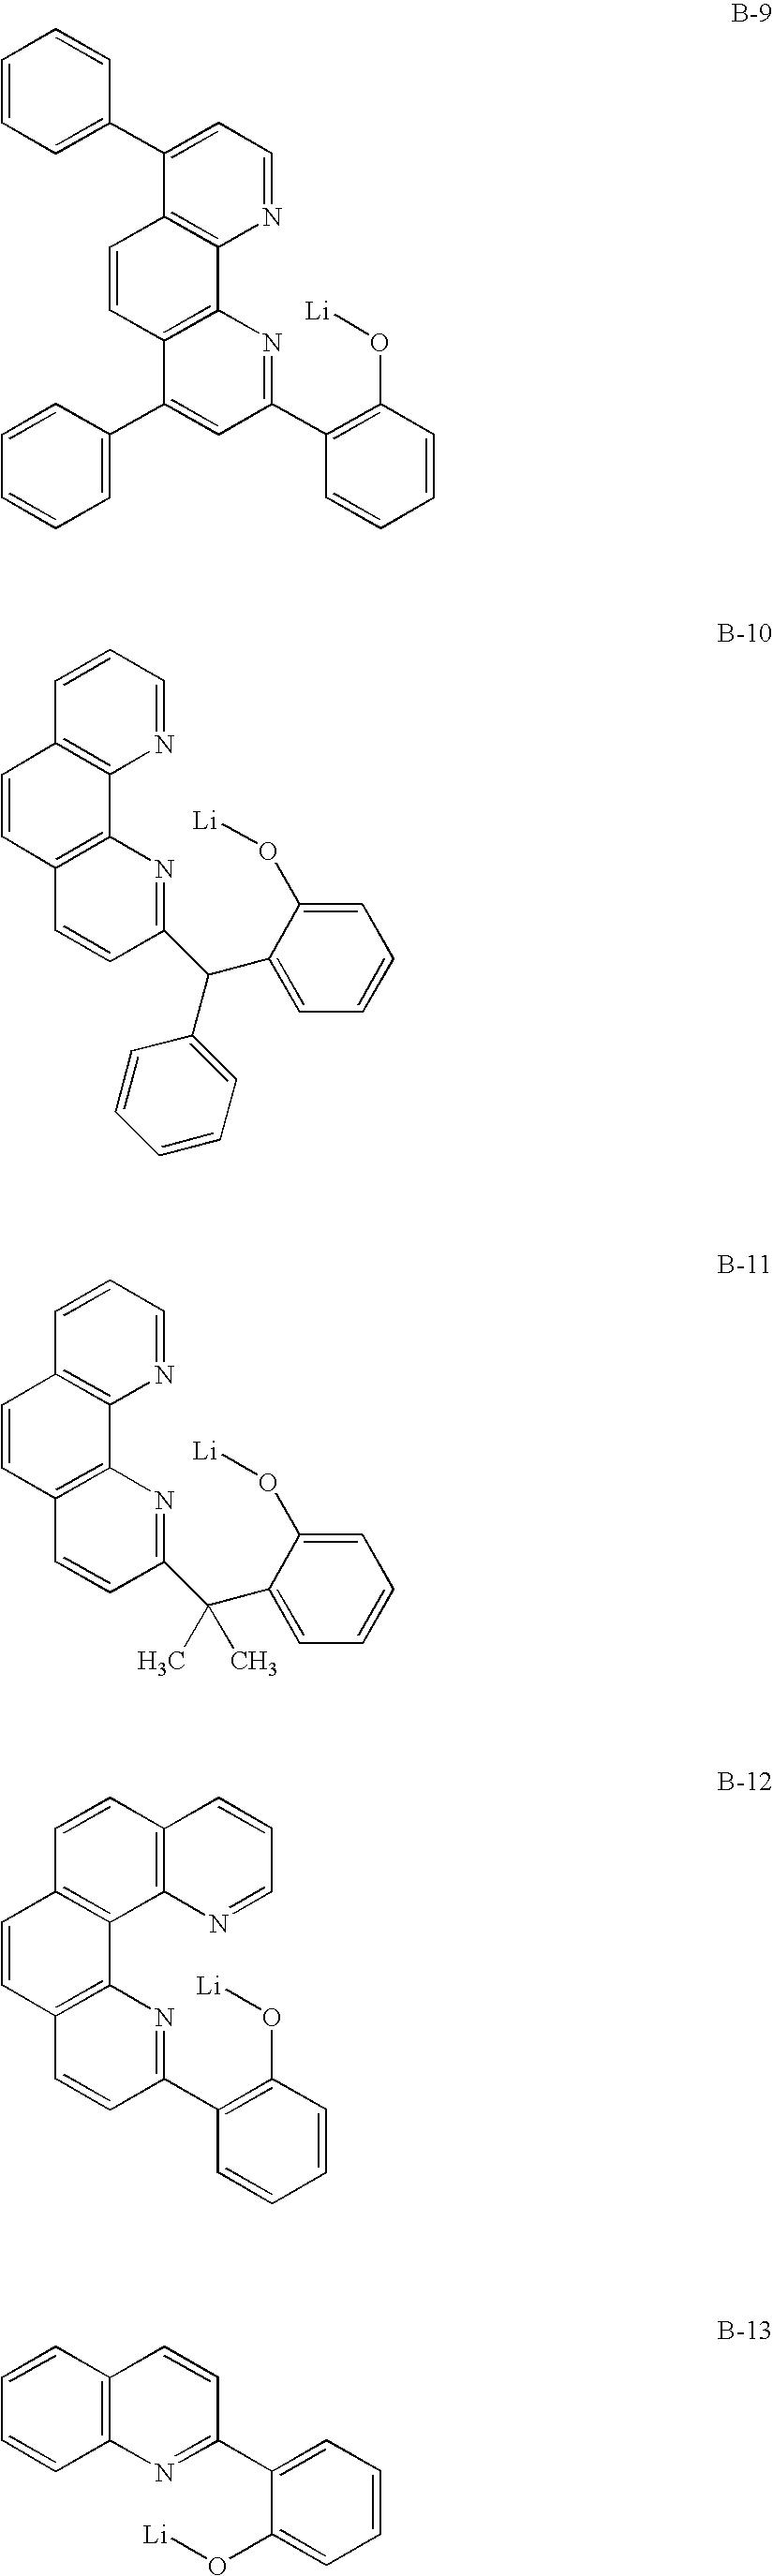 Figure US07821201-20101026-C00003